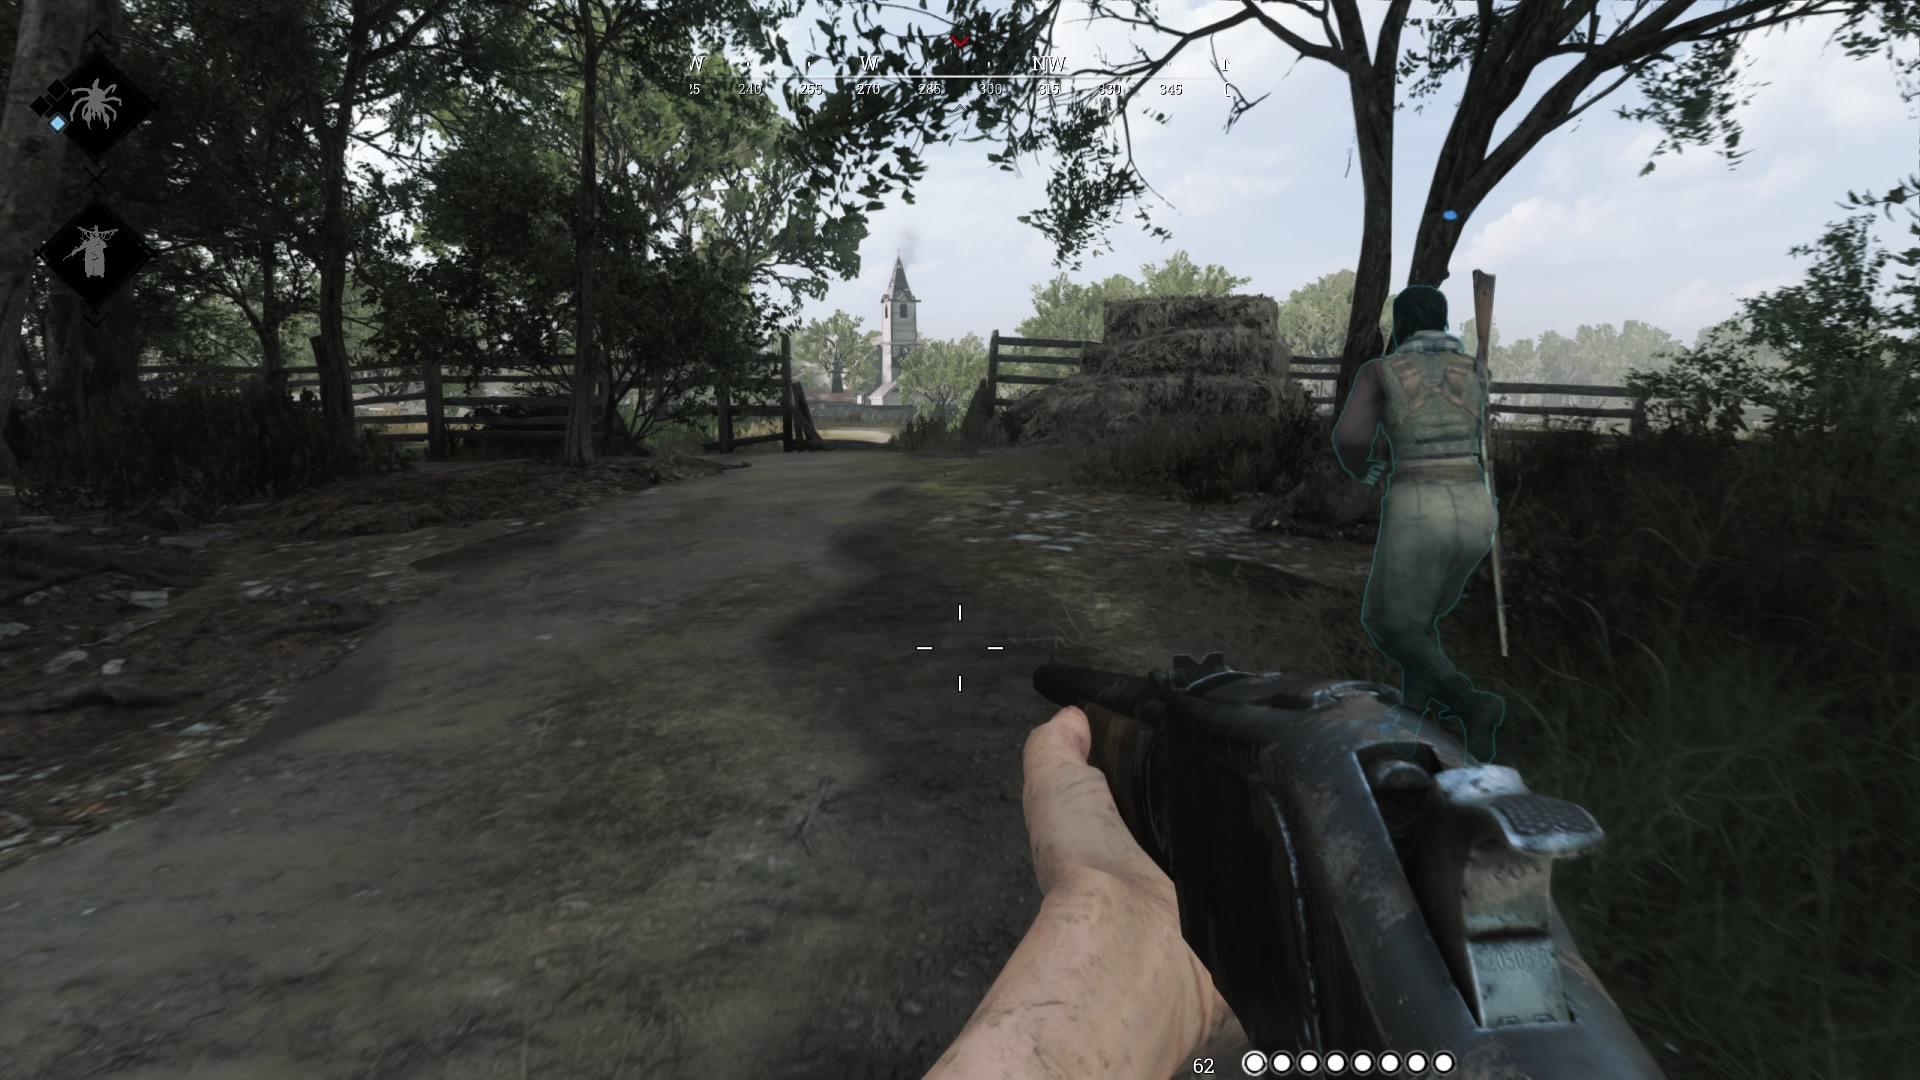 Llevamos varios días jugando a Hunt: Showdown en PS4. Es sorprendente que el juego haya pasado por mi nariz porque es único. 1